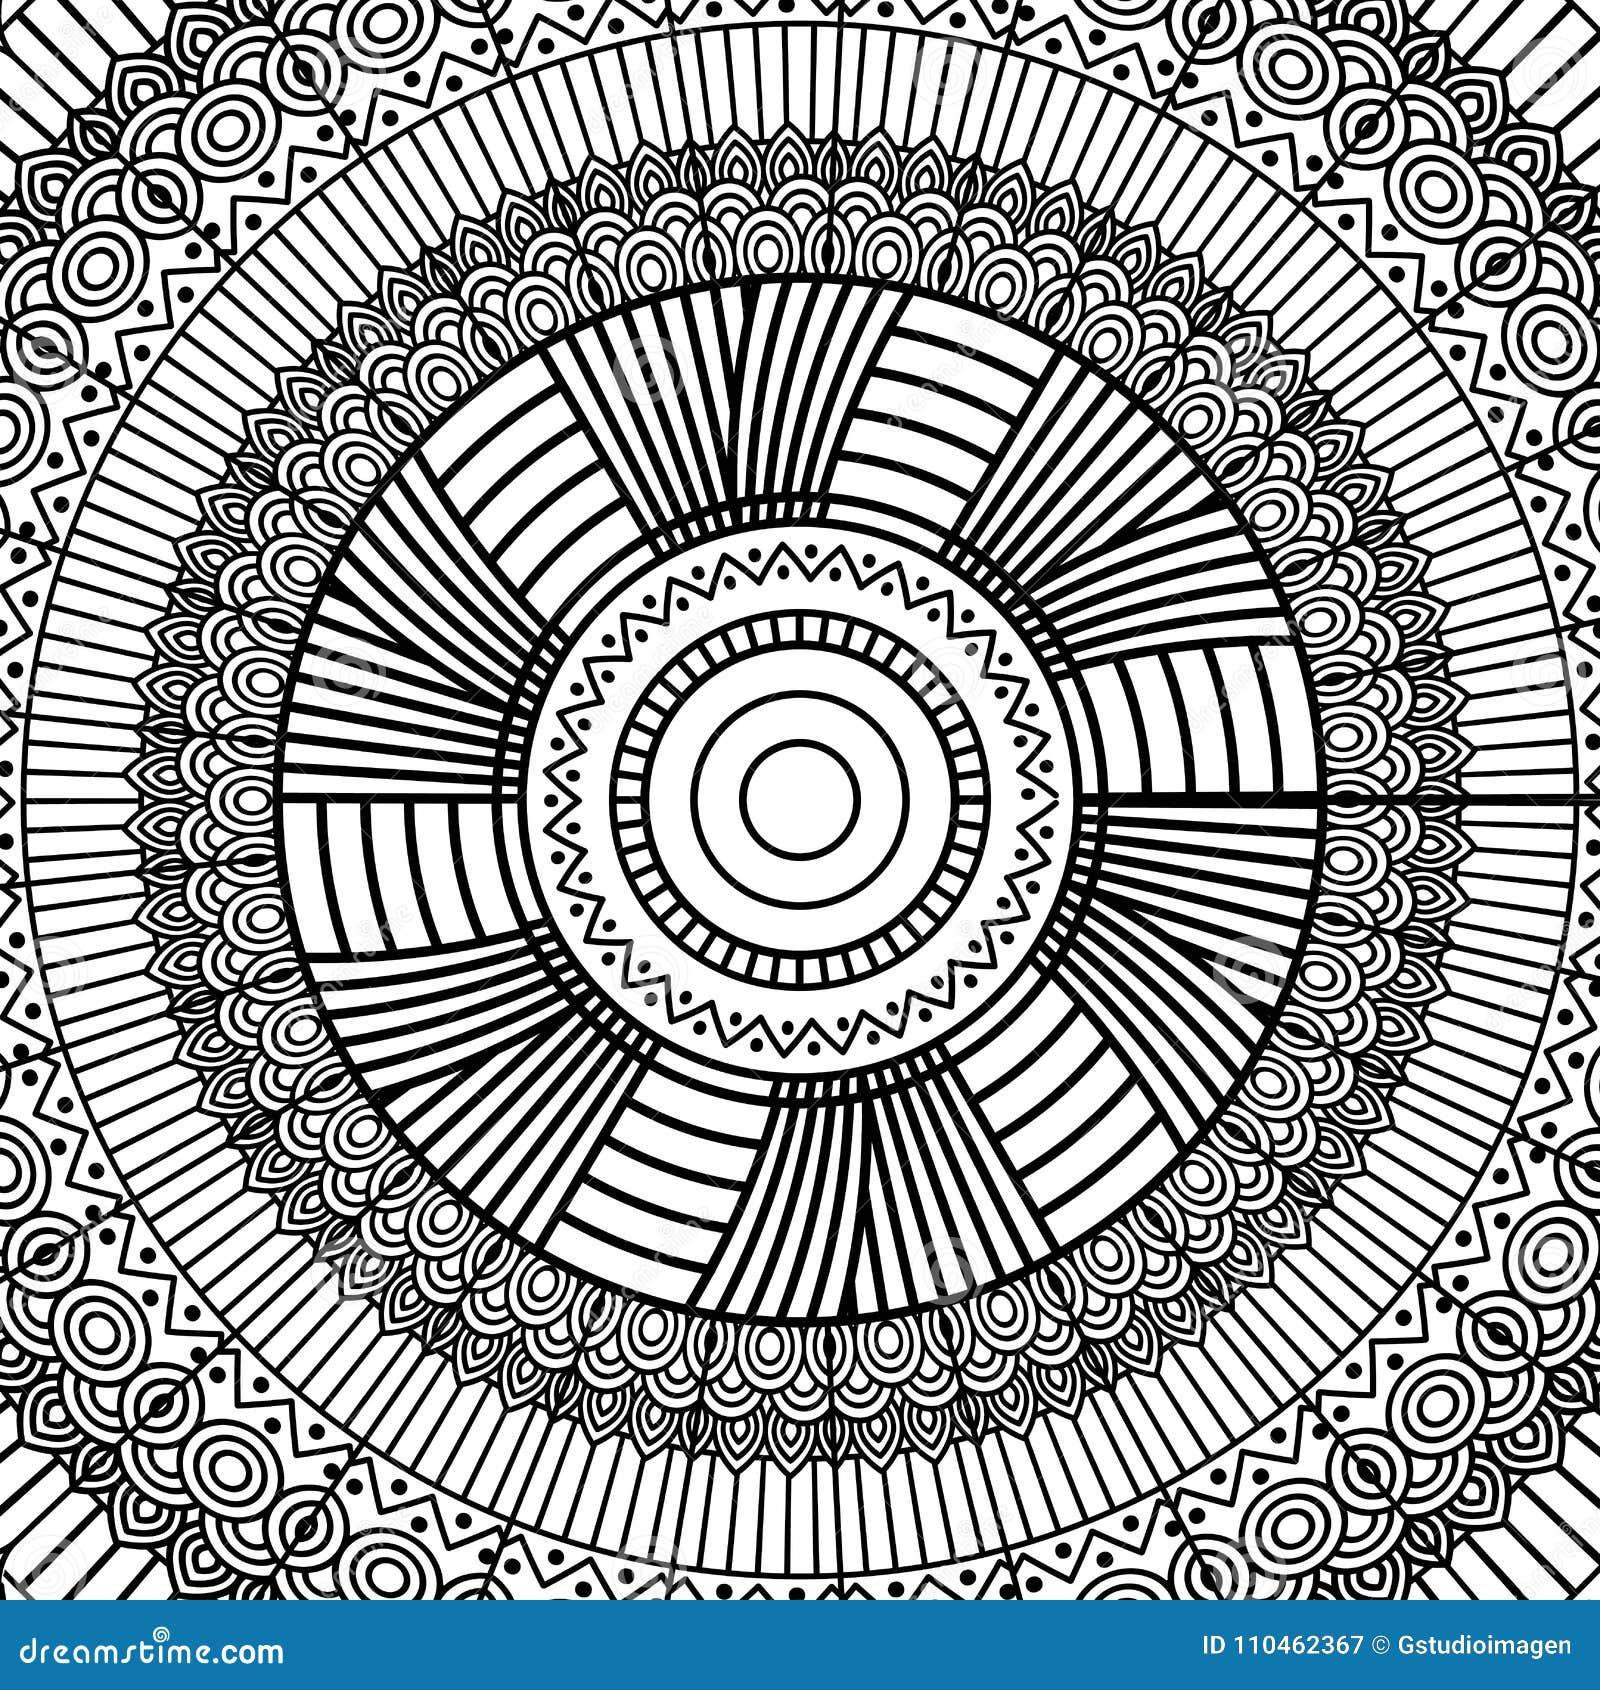 Decoração redonda tribal do ornamento da mandala geométrica preto e branco para o livro para colorir adulto